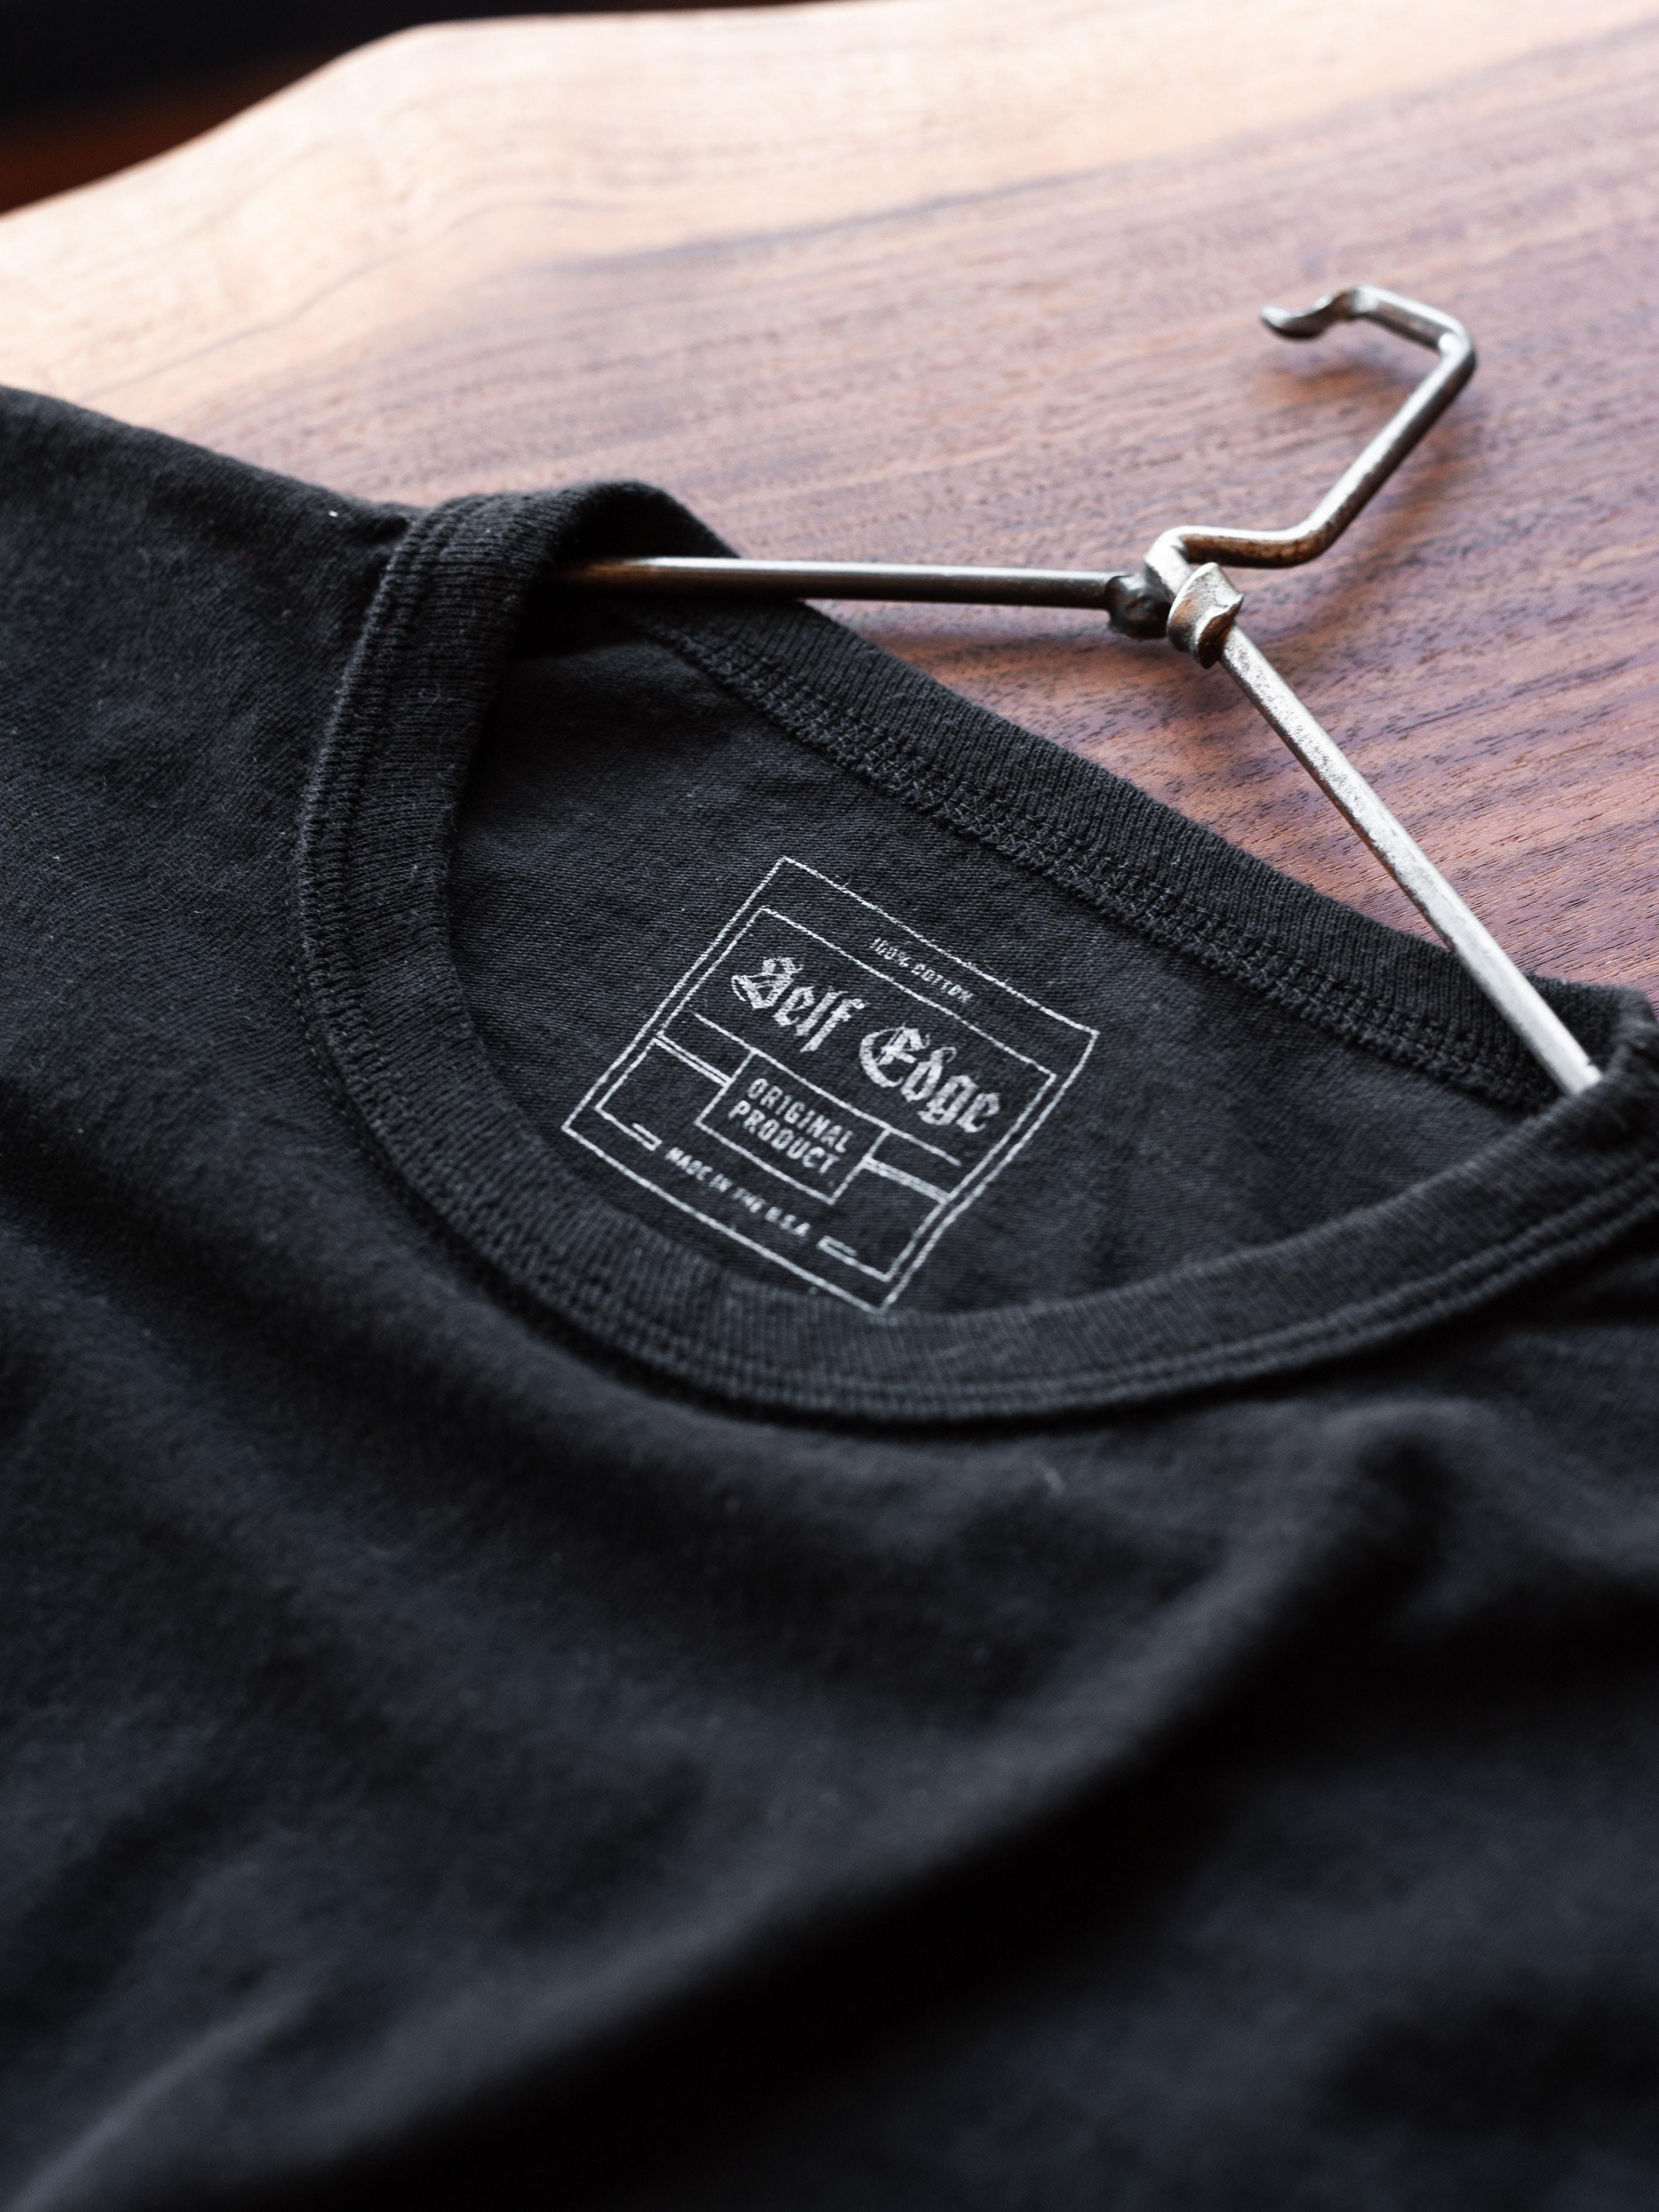 Self_Edge_Graphic_Series_T-Shirt_14_Avai